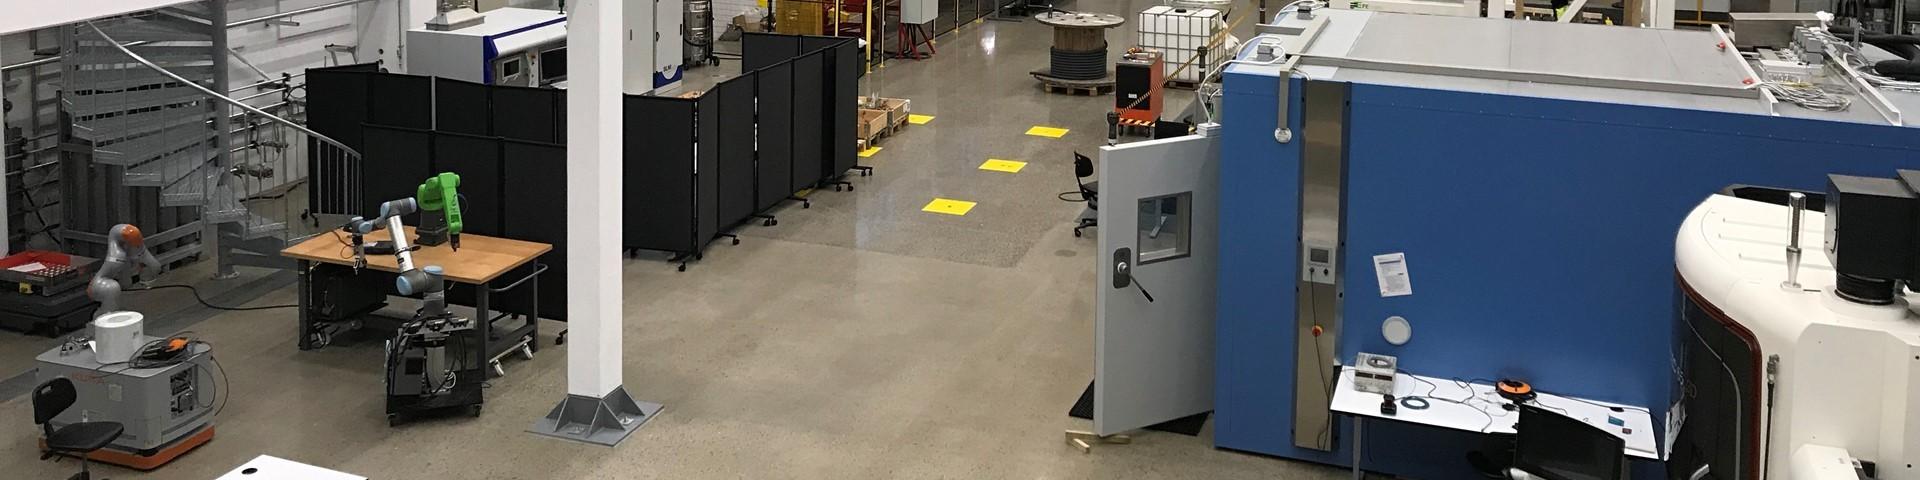 Mil lab teknologi og utstyr2